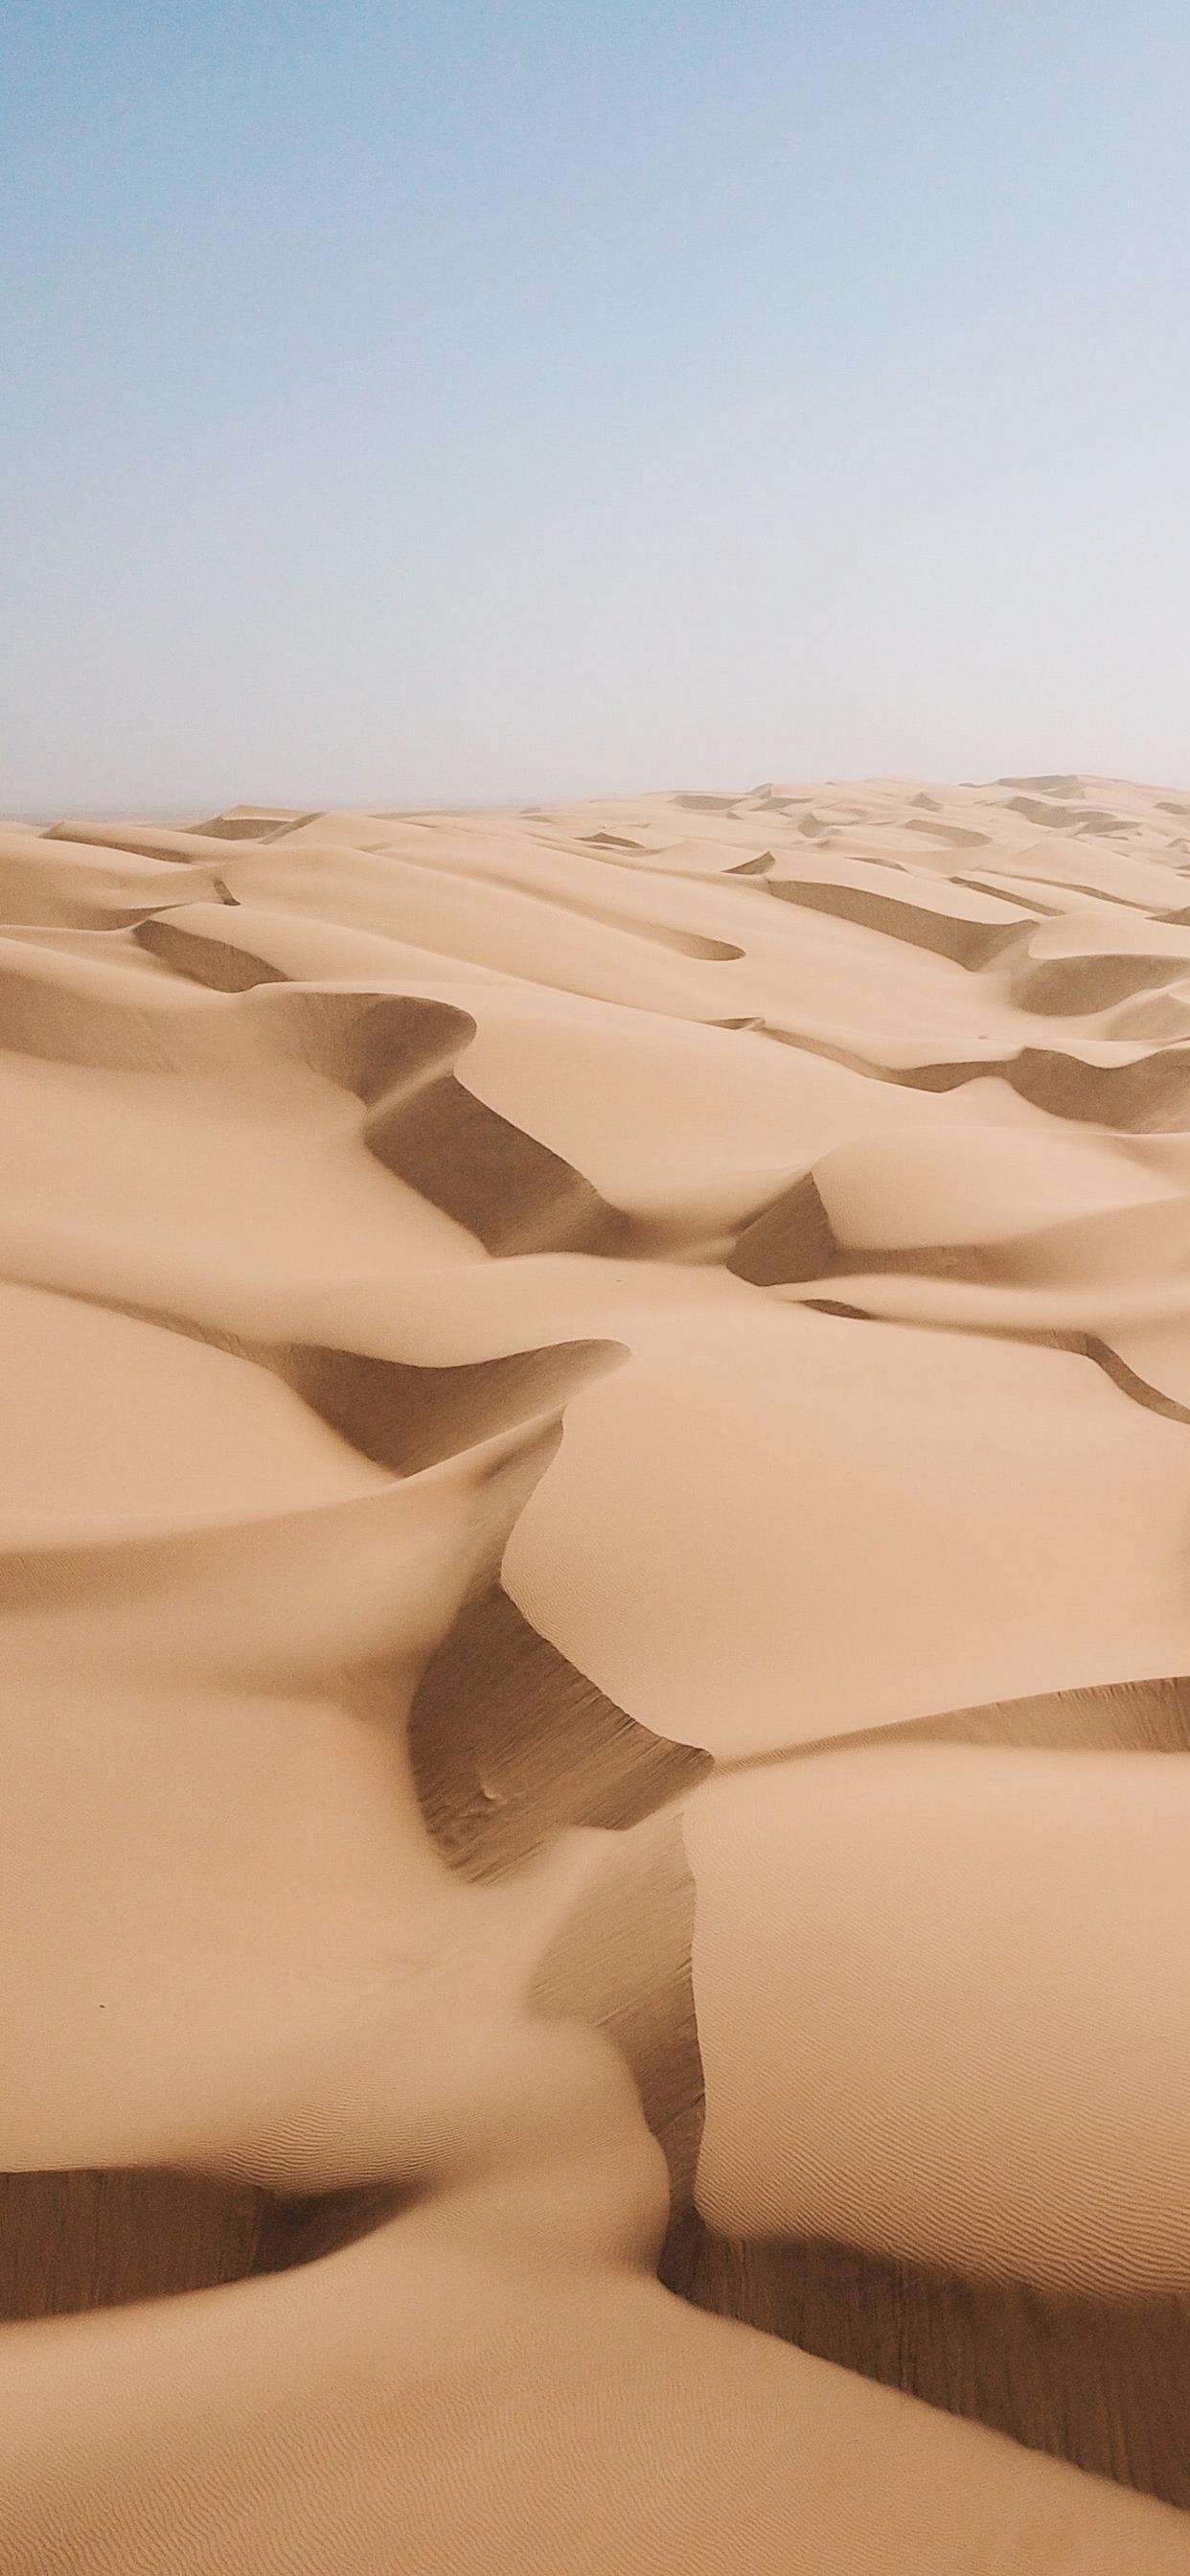 多彩沙漠风景图片手机壁纸